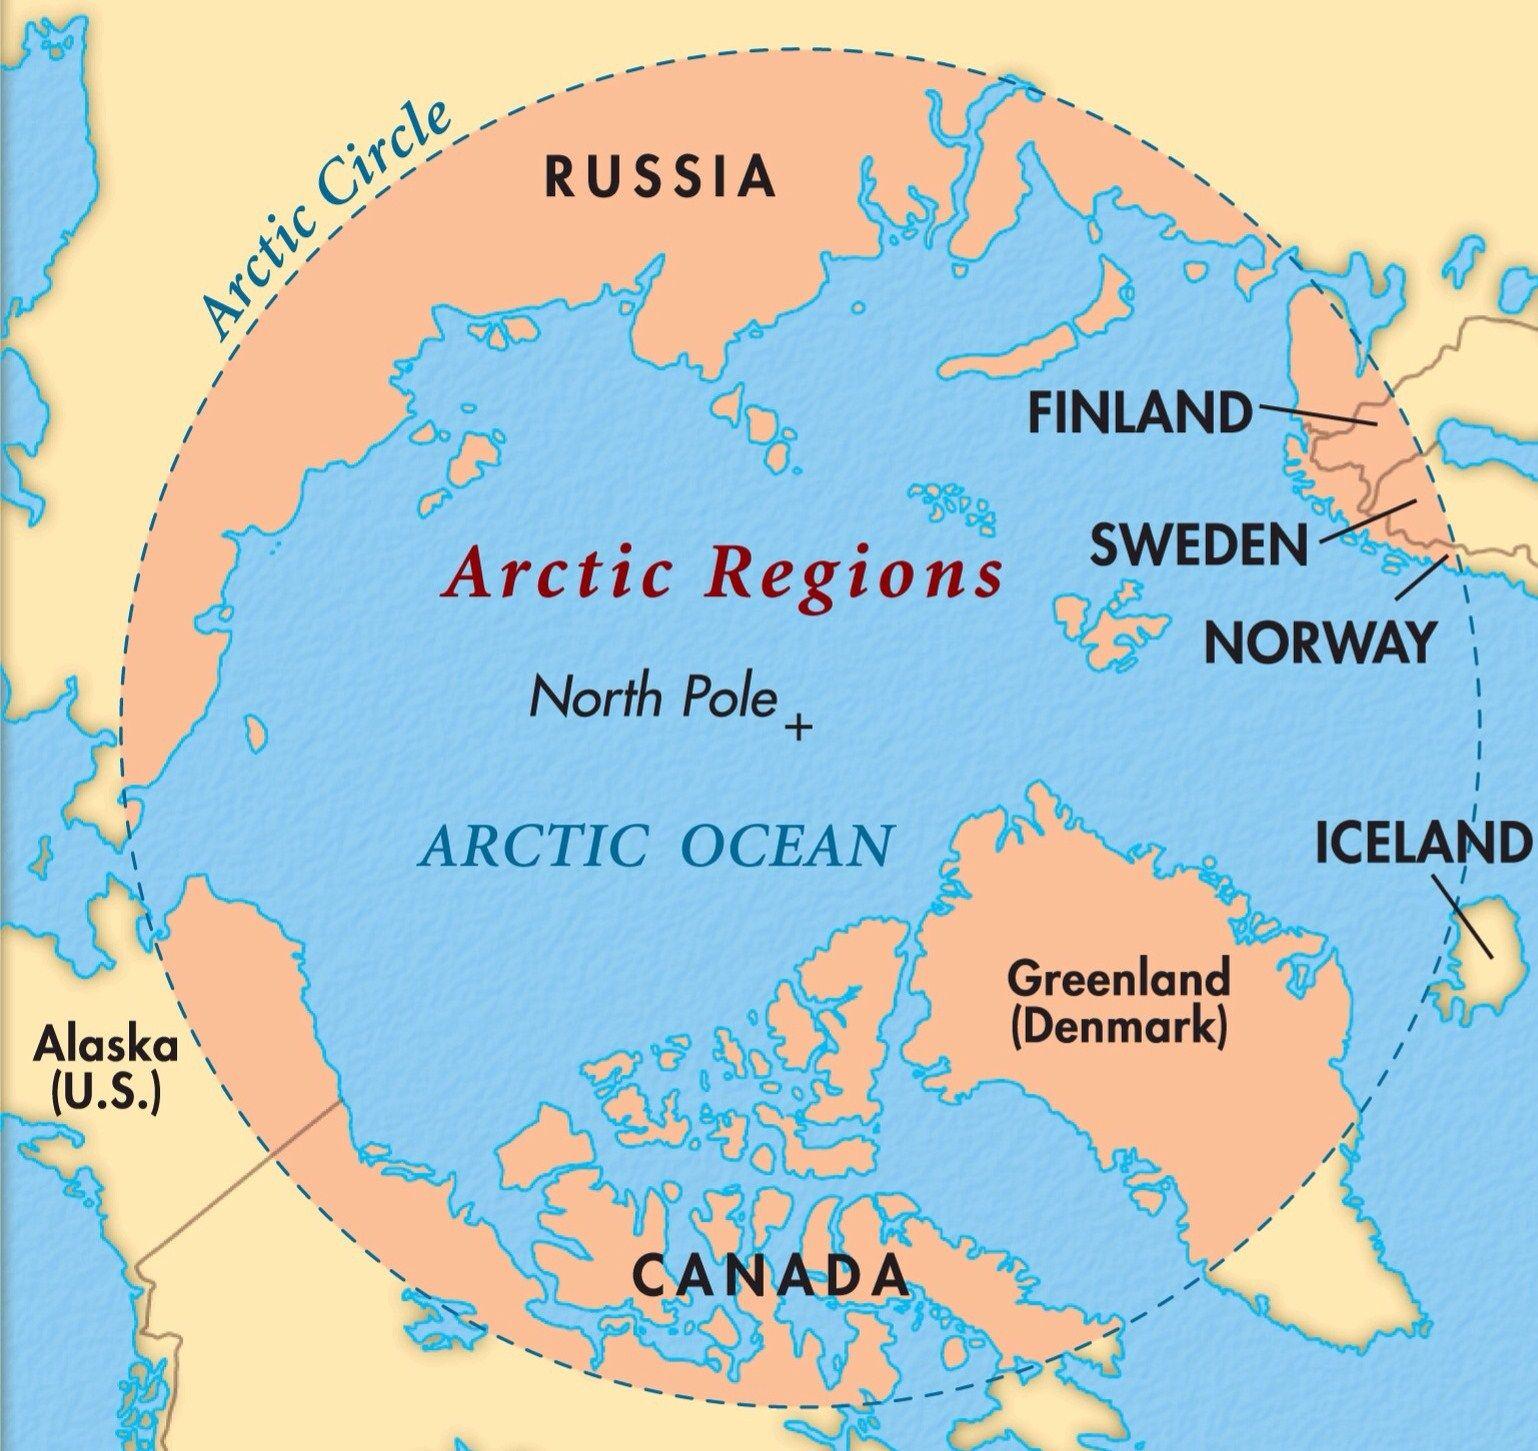 کشورهای نوار قطبی